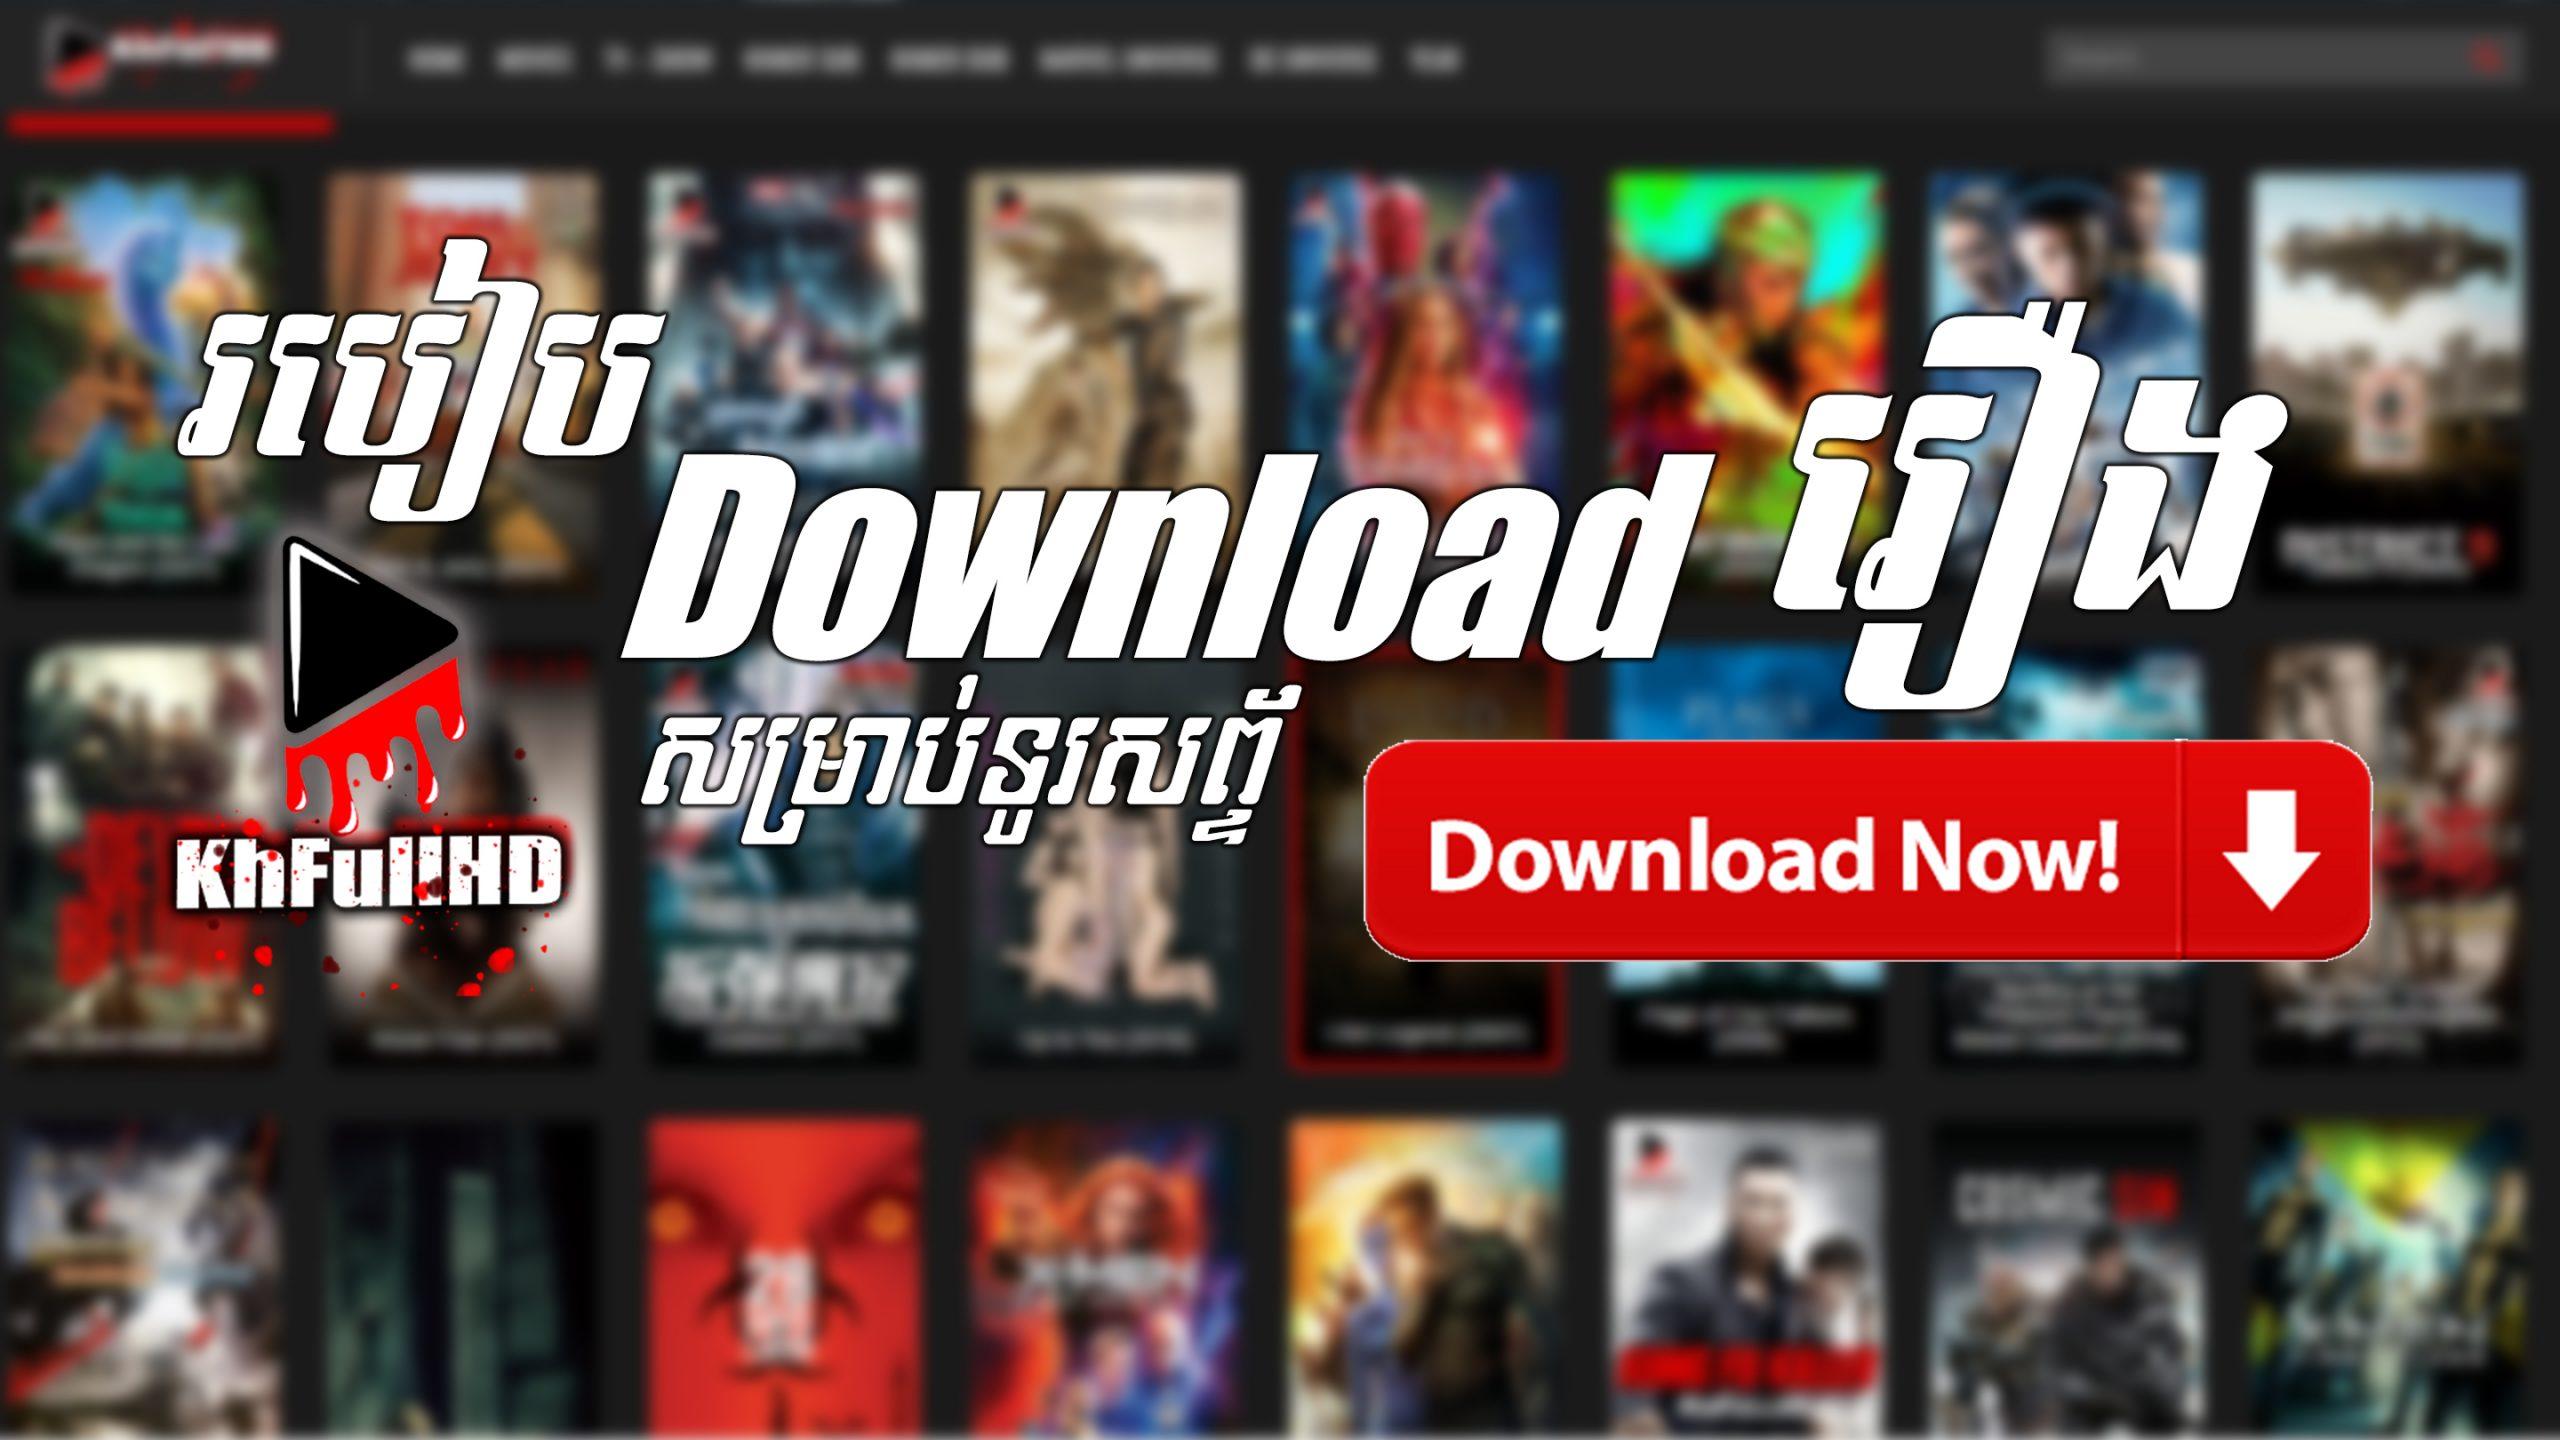 របៀប Download រឿងពីវេបសាយ KhFullHD សម្រាប់ទូរសព្ទ័ – How to dowload Movie on KhFullHD